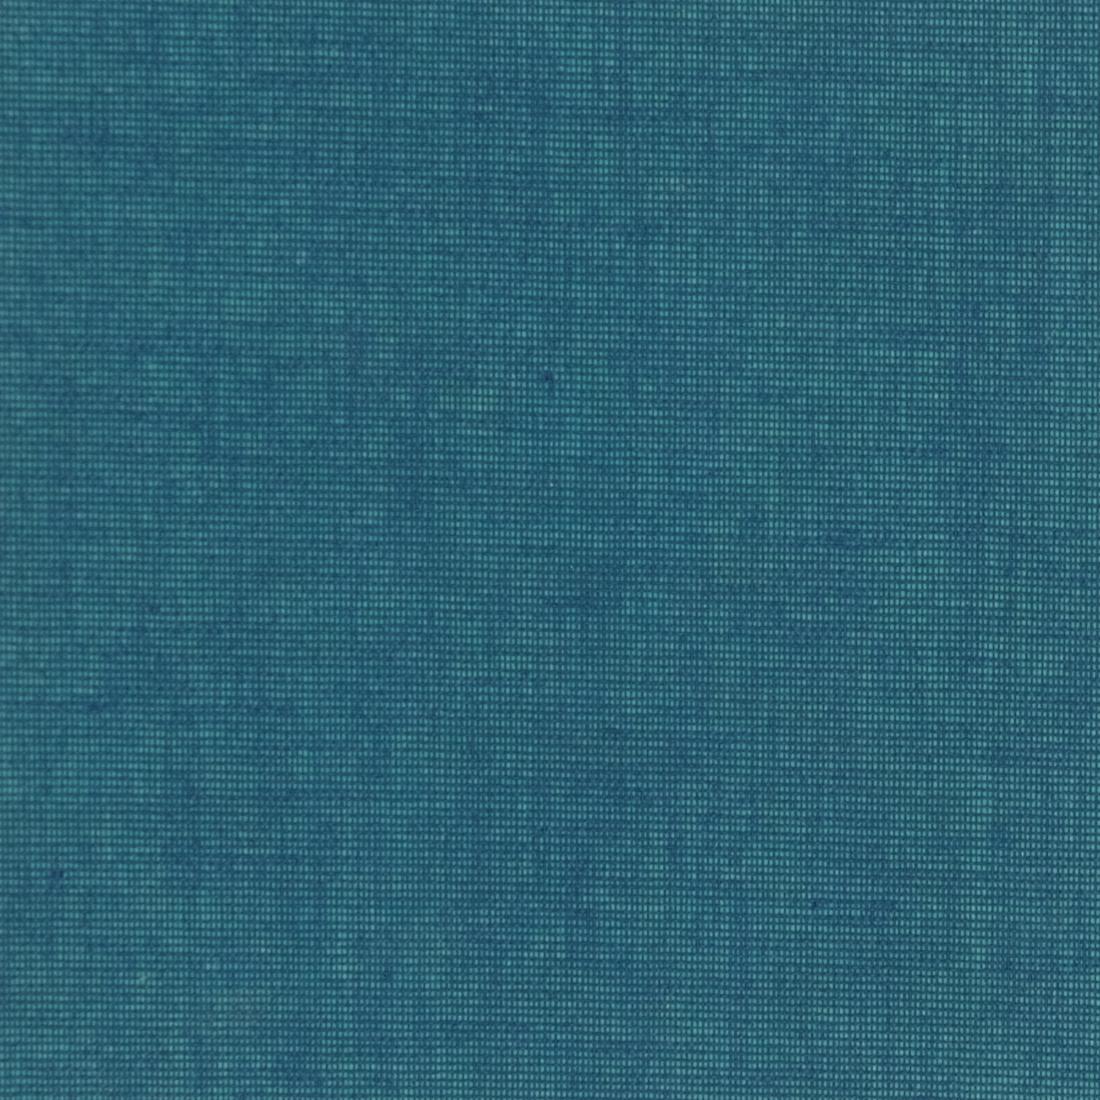 310_013D_Meerblau